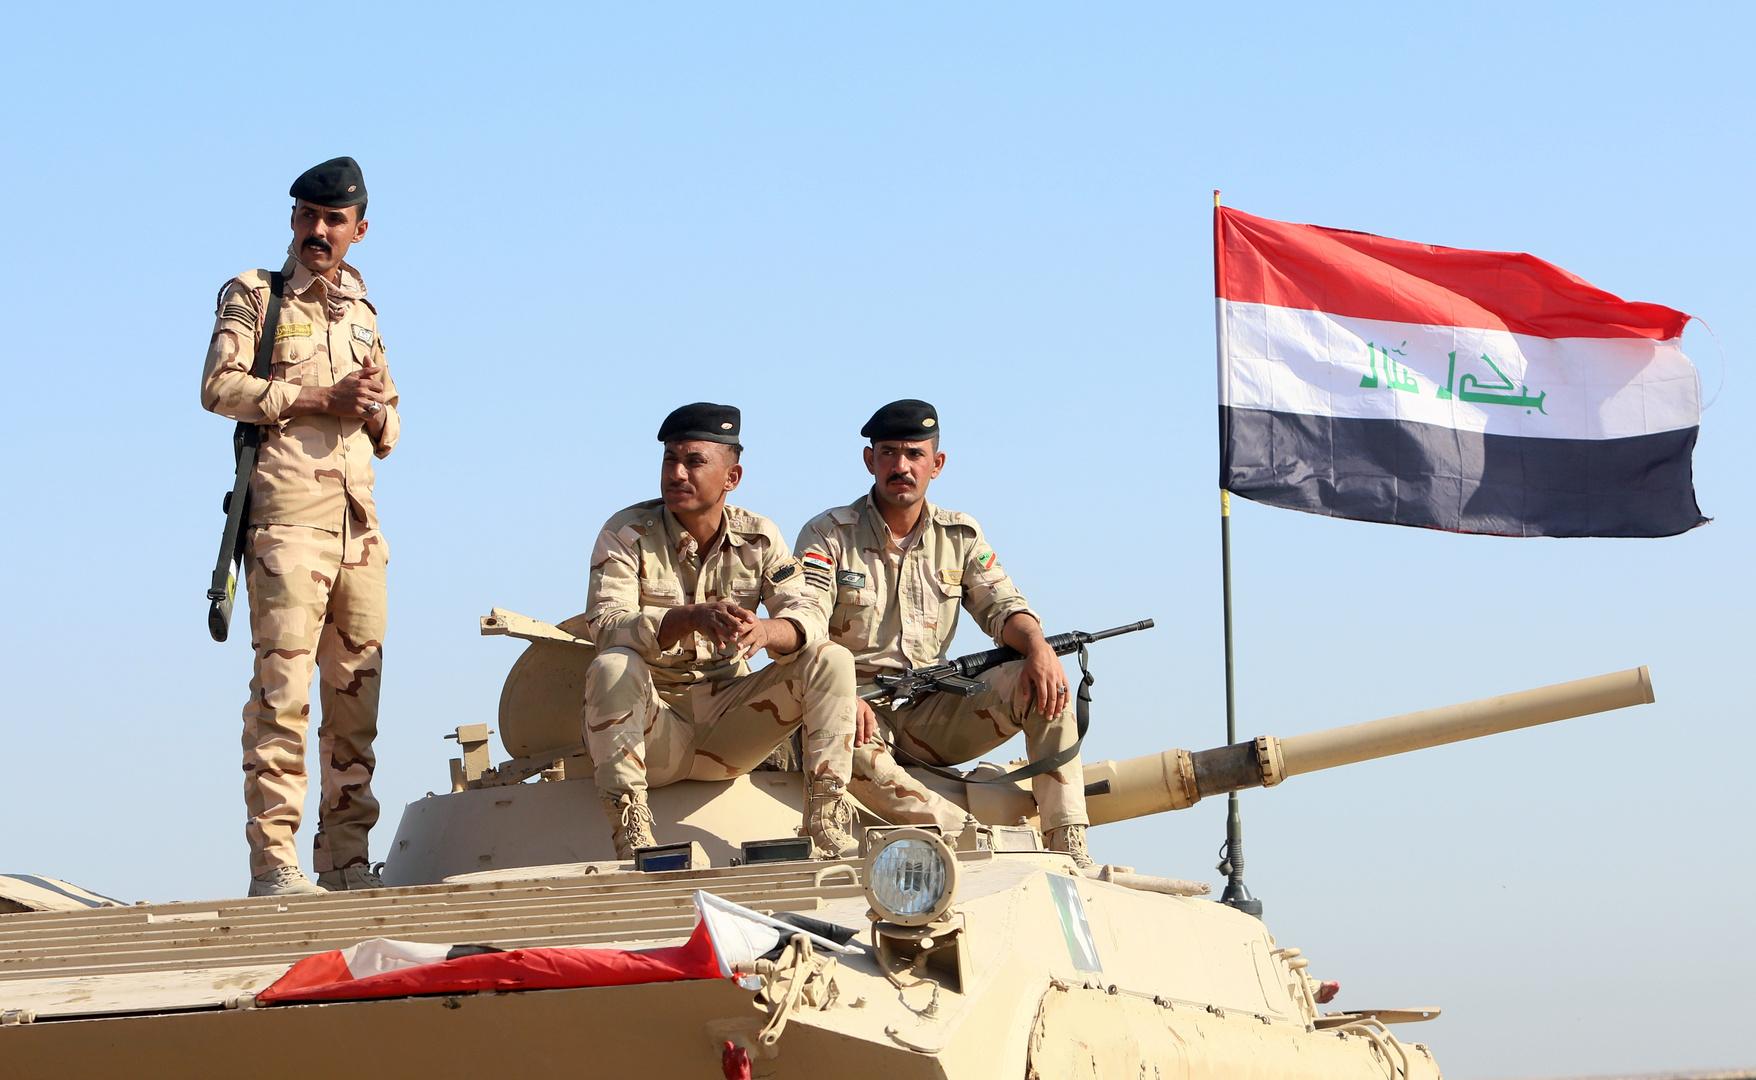 إيران تعلق على اعتقال العراق لعناصر من